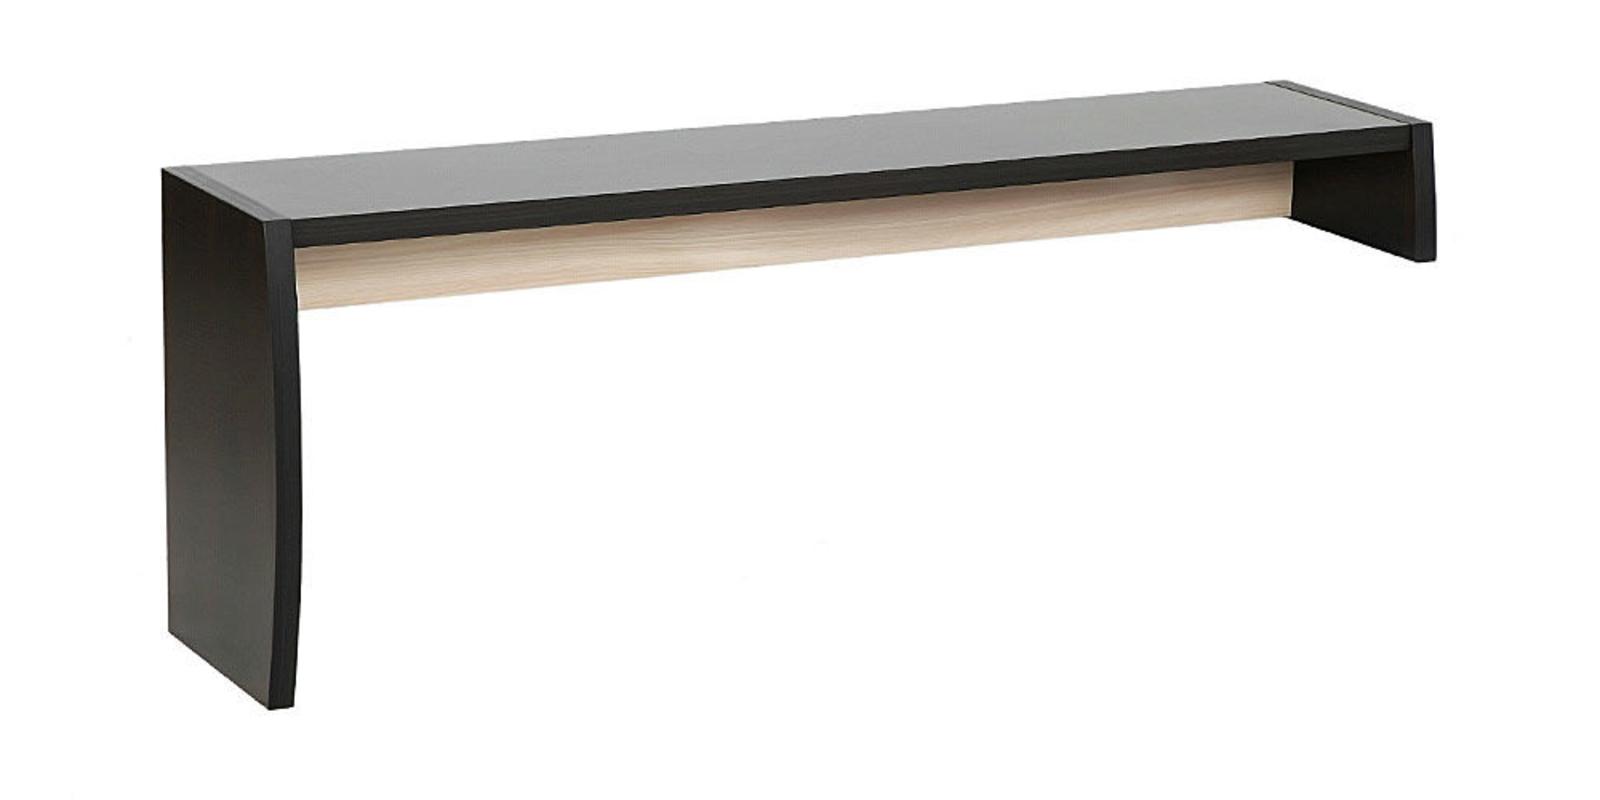 Надстройка для тумбы под ТВ Корсика угол левый (ясень глянец)